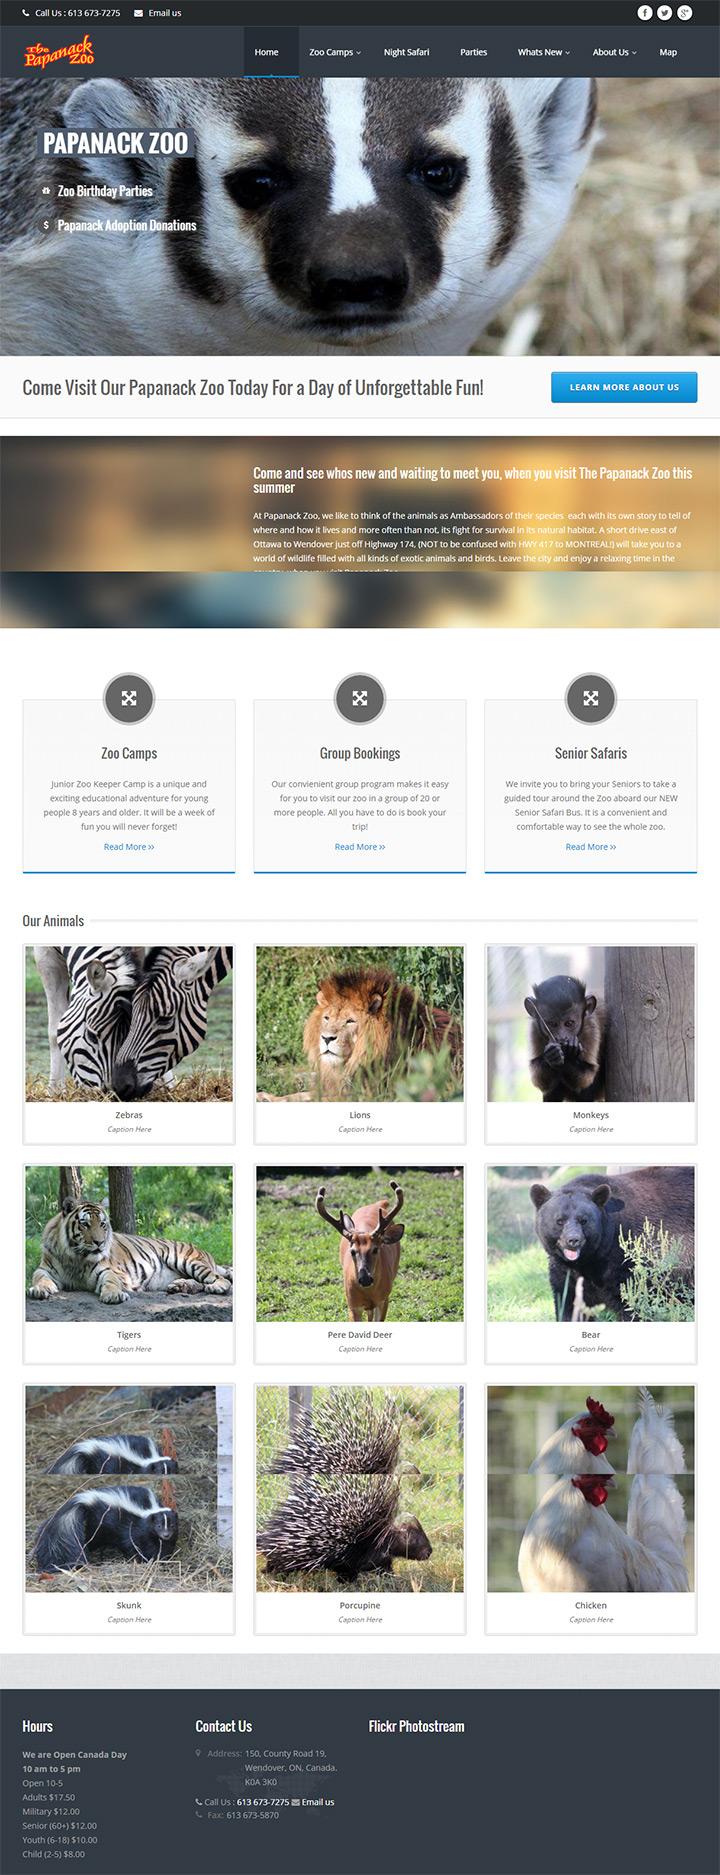 papanack zoo